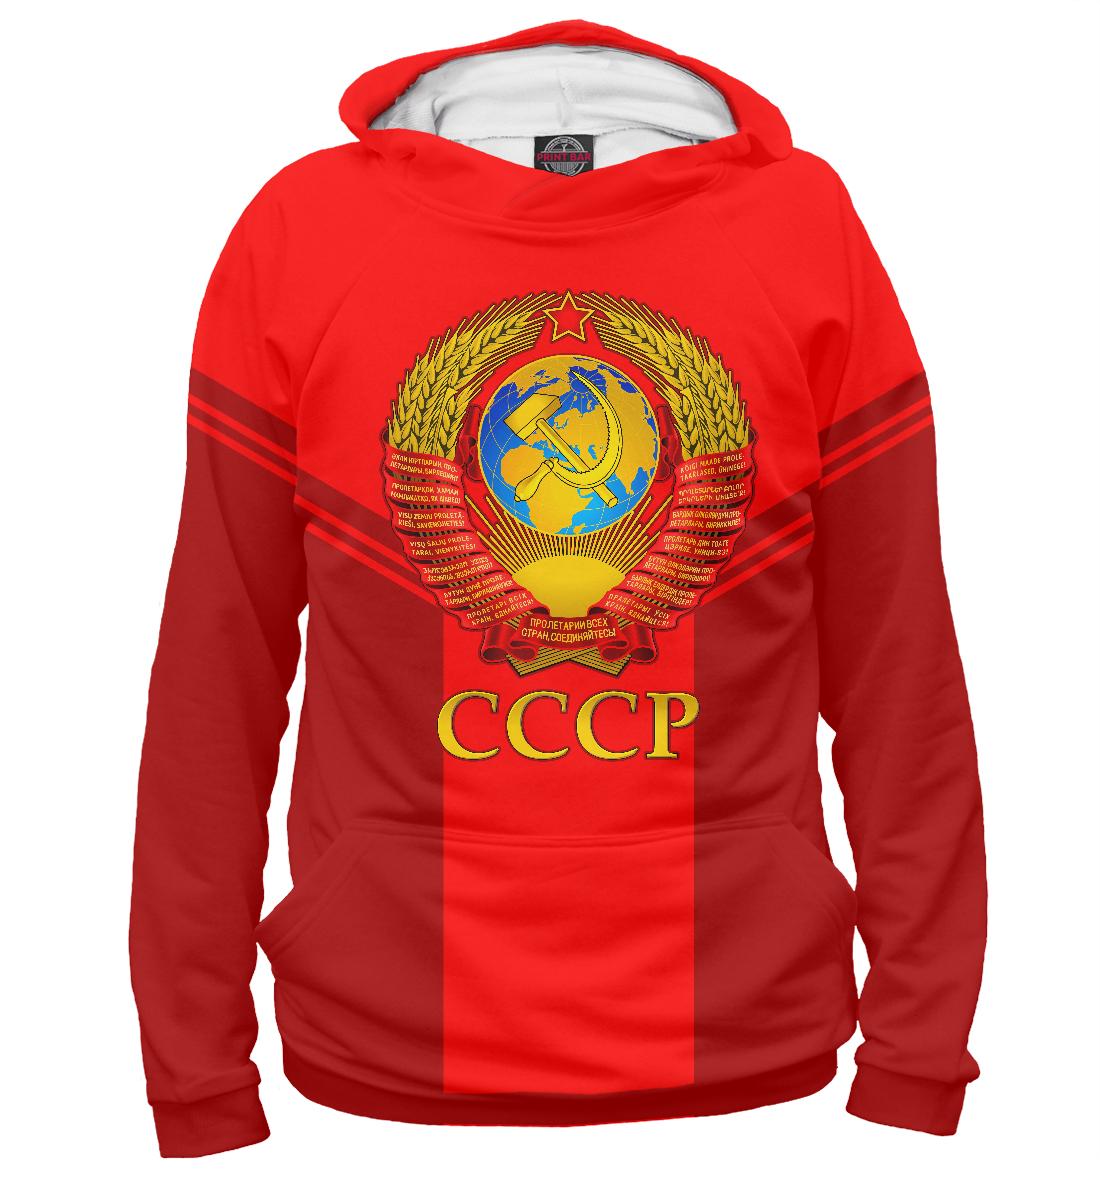 Купить Герб СССР, Printbar, Худи, SSS-271974-hud-2